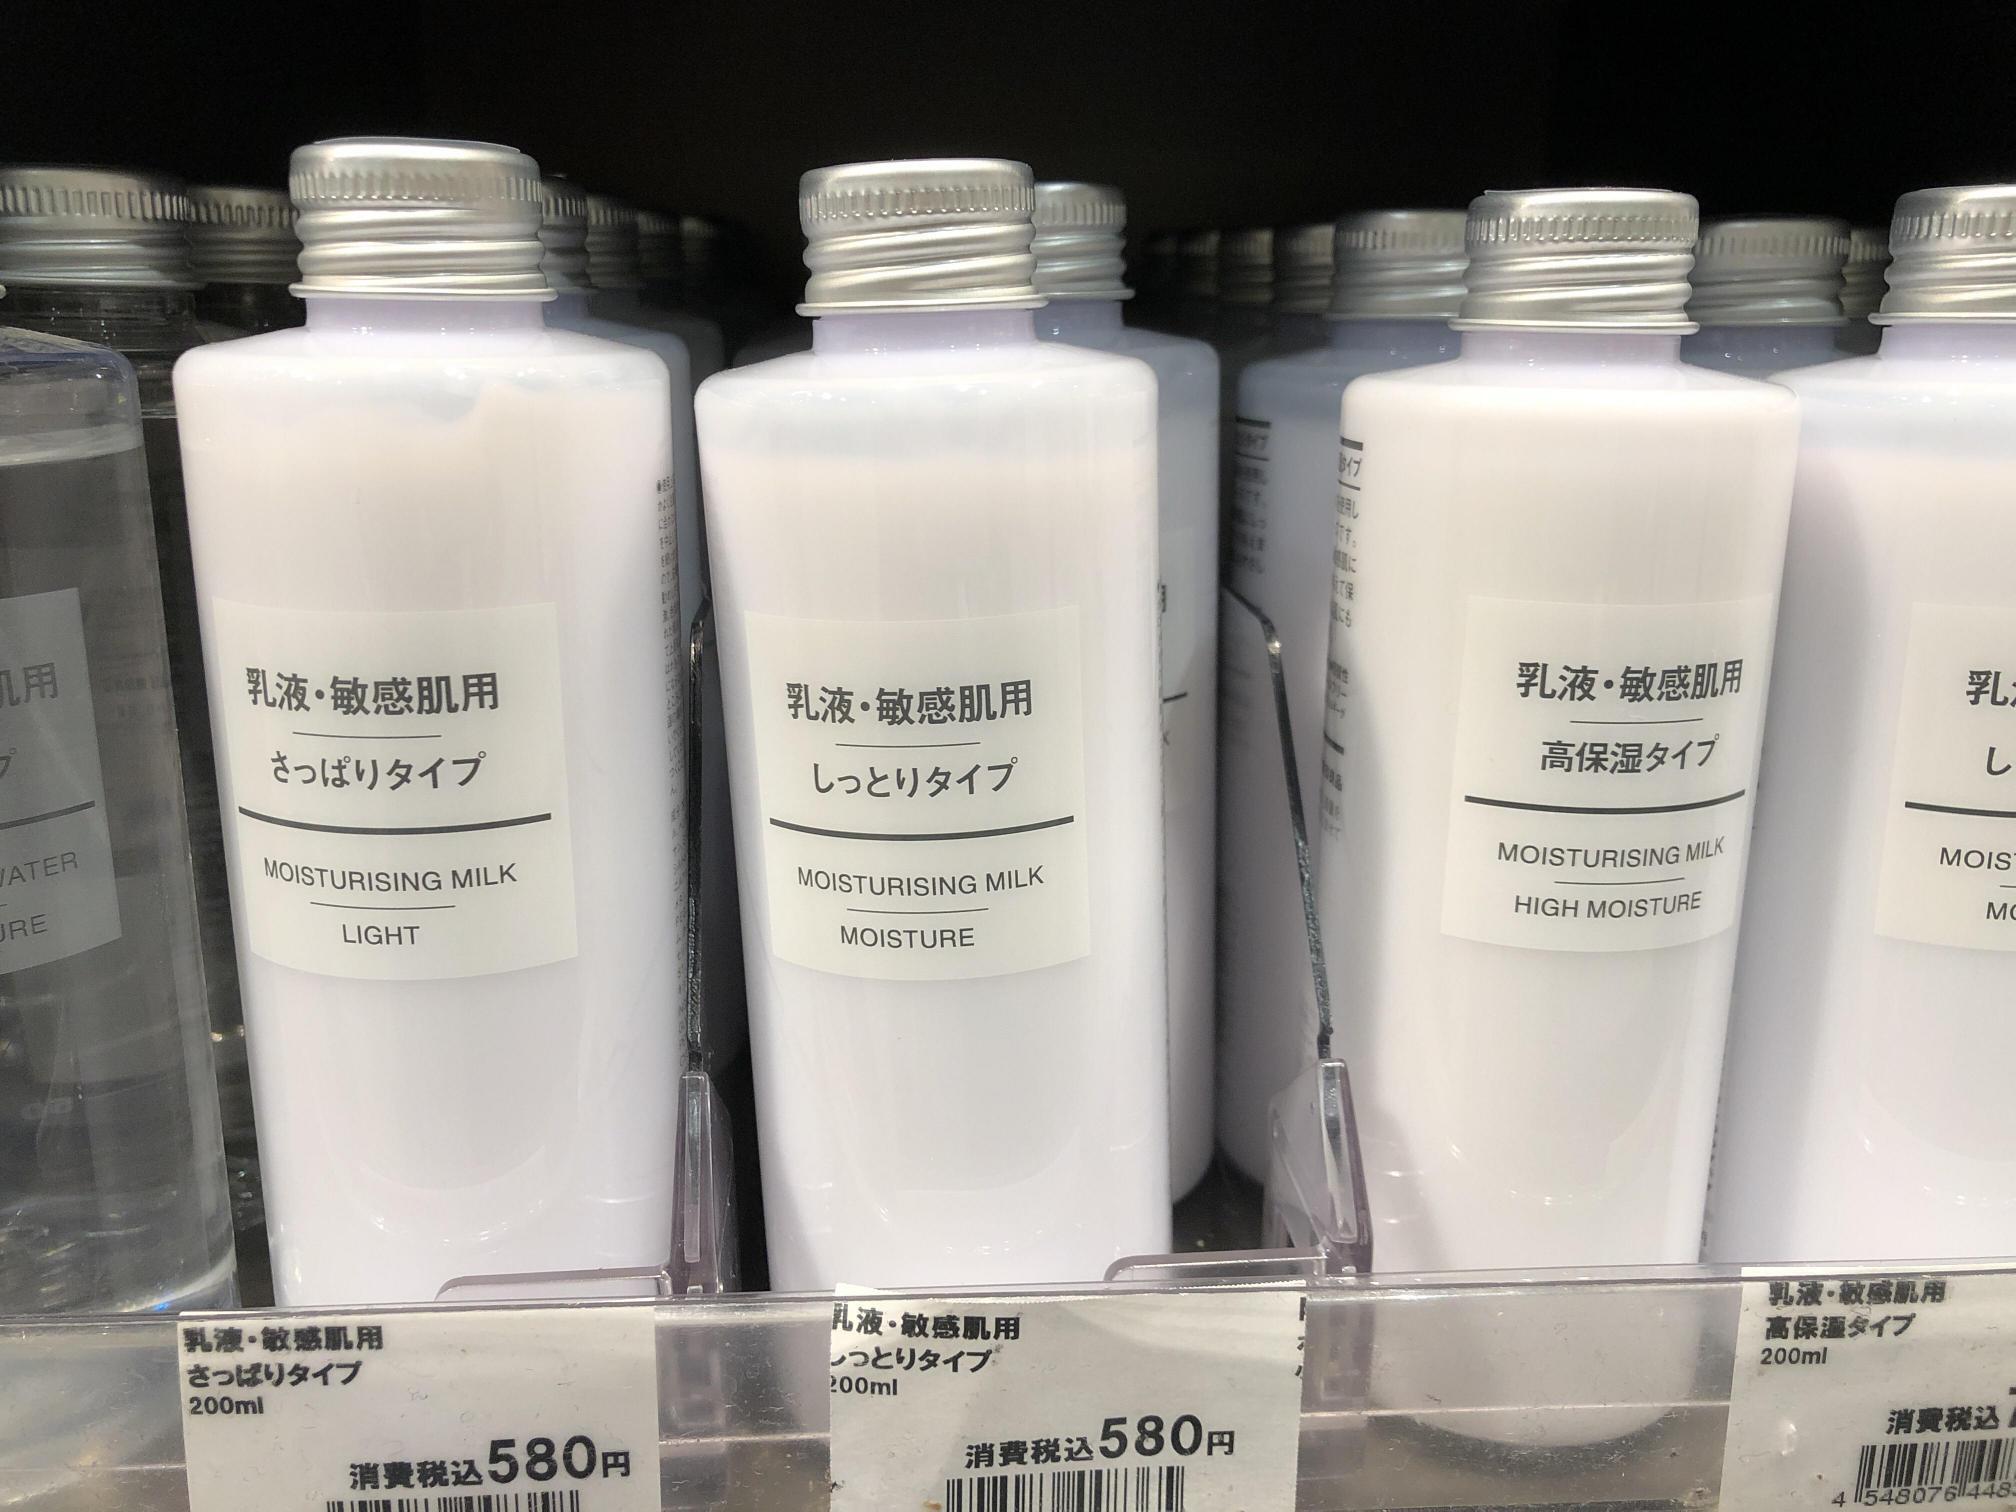 代购:无印良品 乳液 敏感肌用